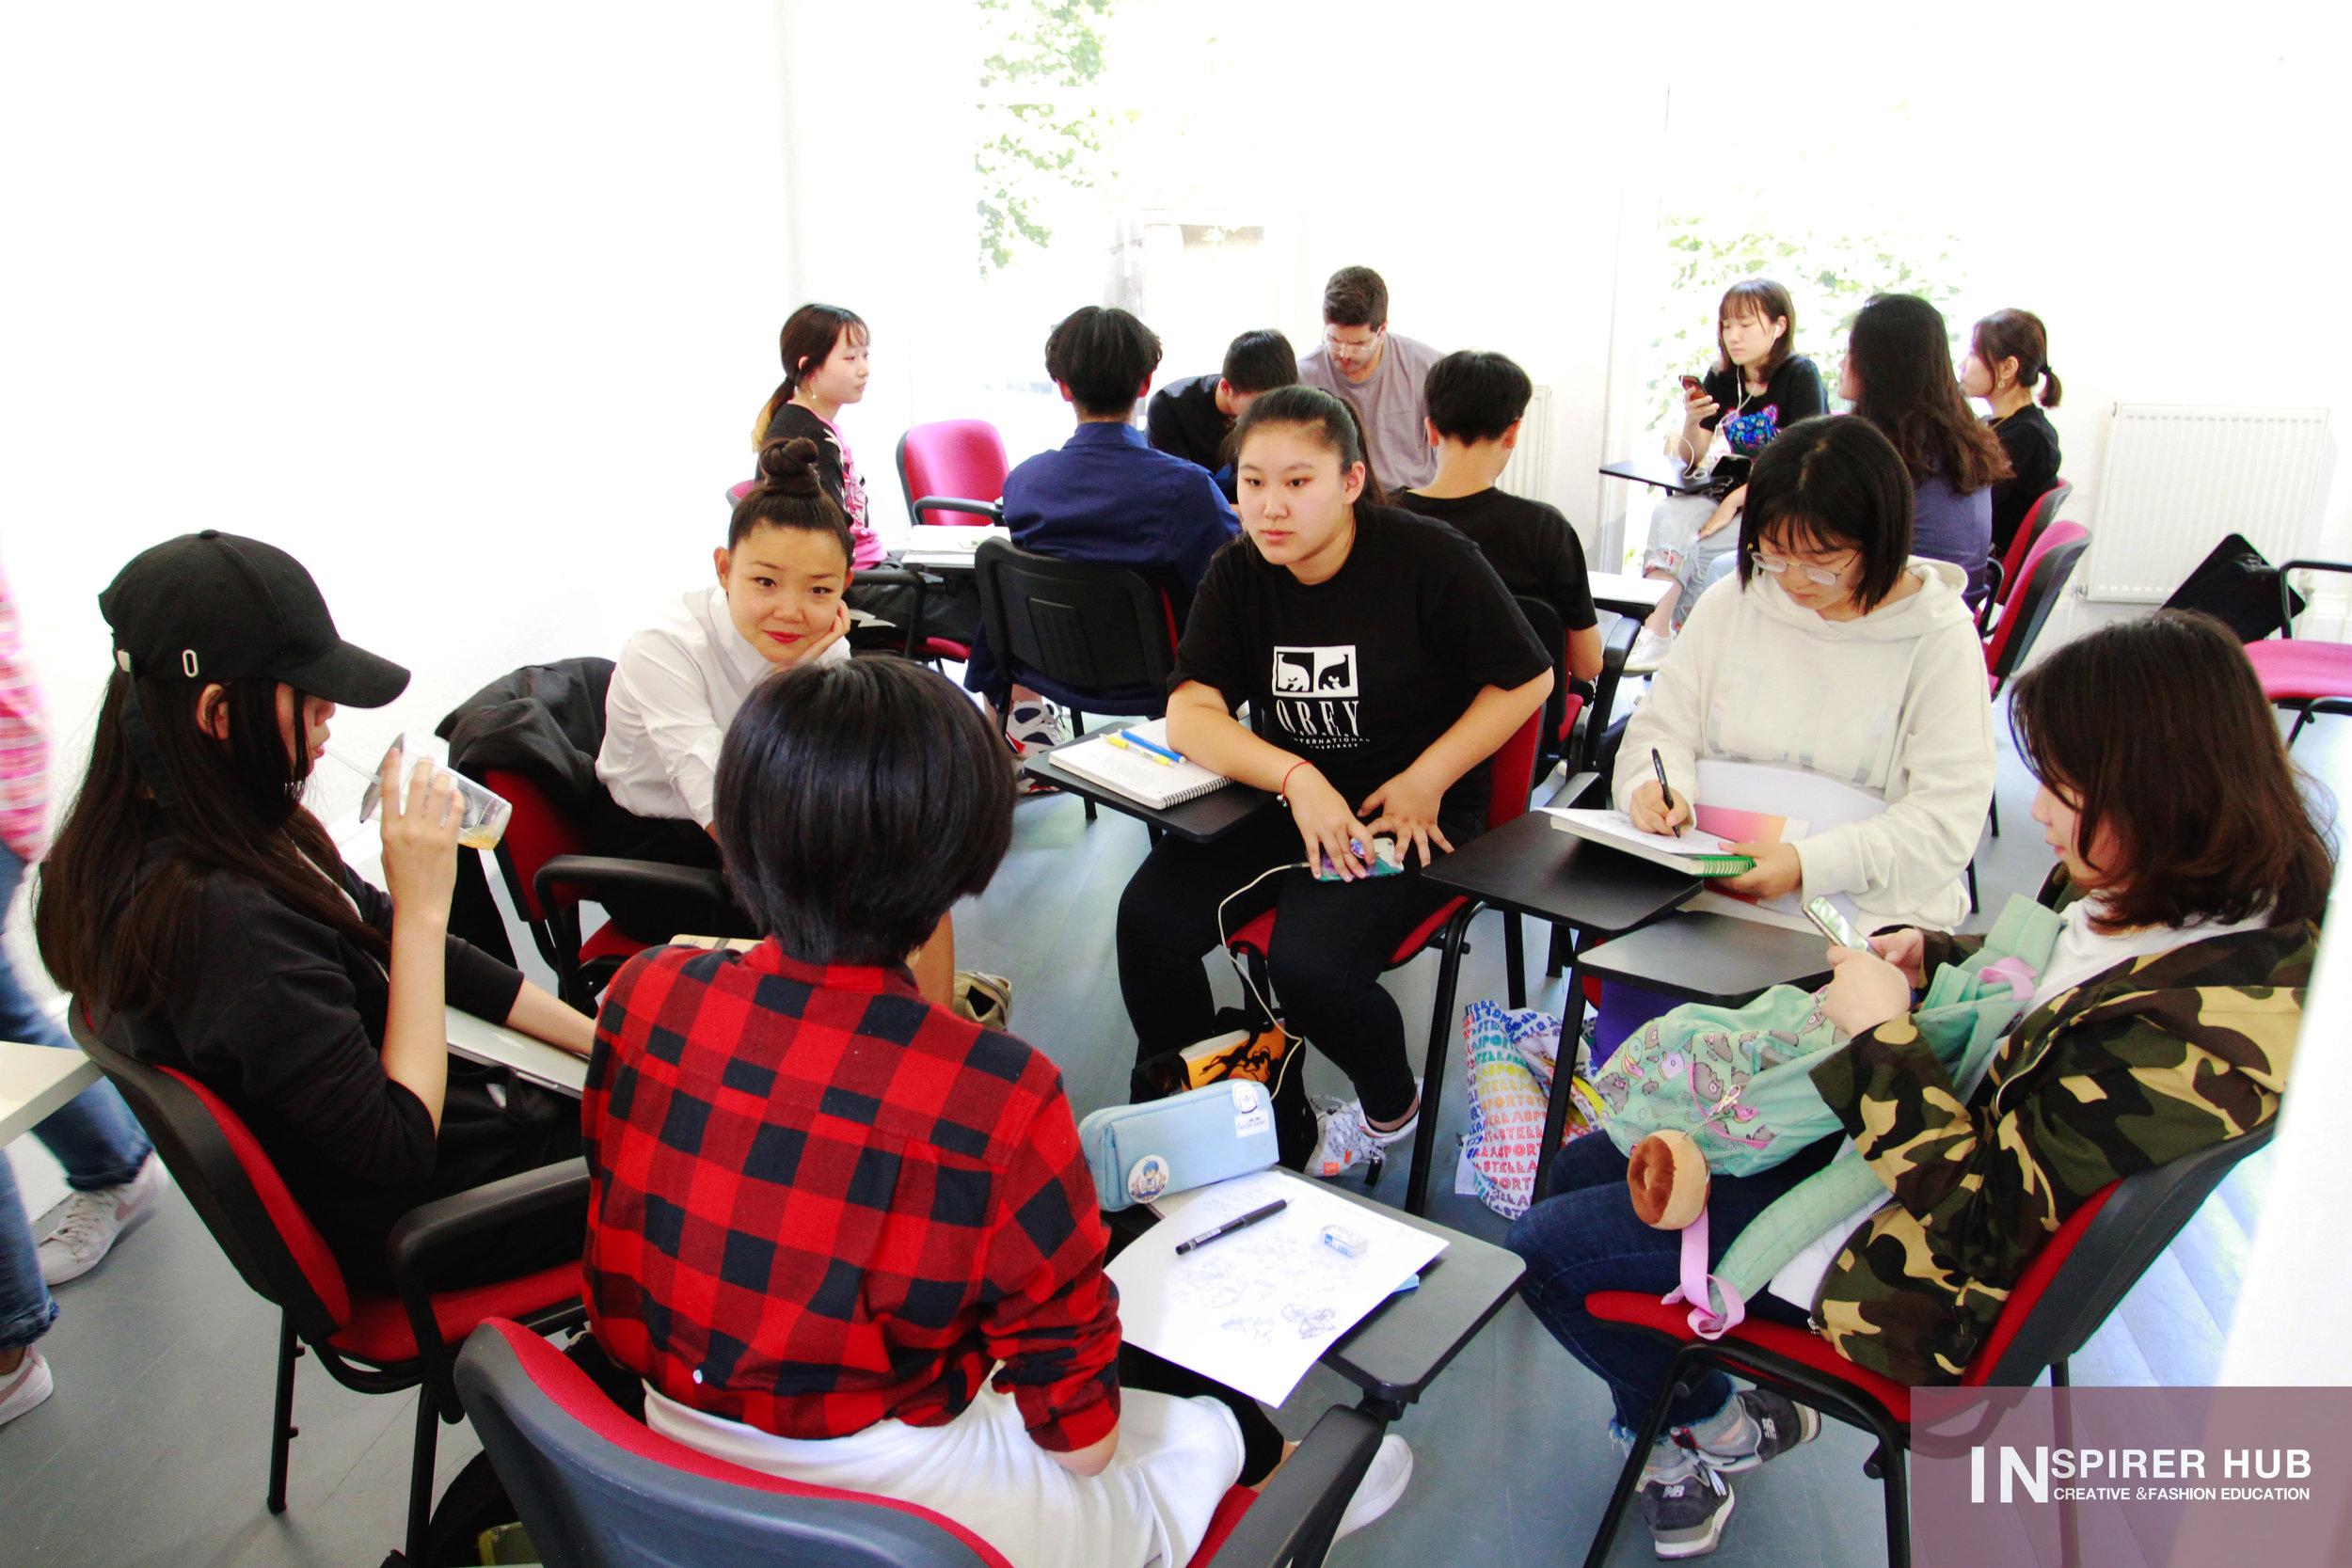 艺术家专业研讨会课程 - 2018 INSPIRER HUB艺术留学定制课程